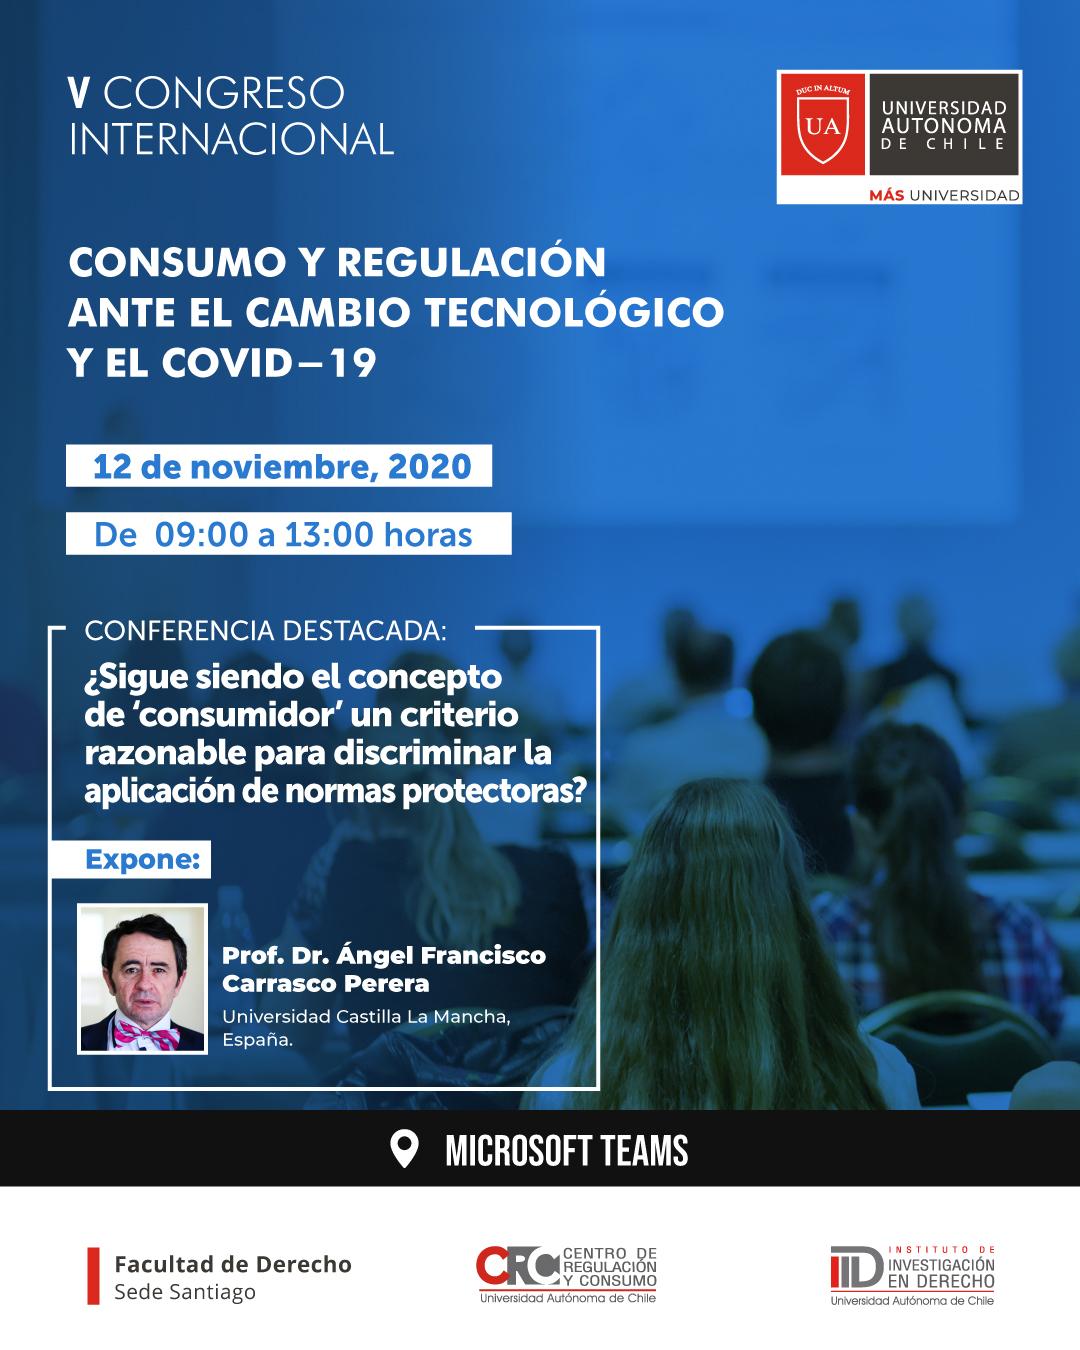 """V Congreso Internacional de Regulación y Consumo: """"Consumo y regulación ante el cambio tecnológico y el Covid-19."""